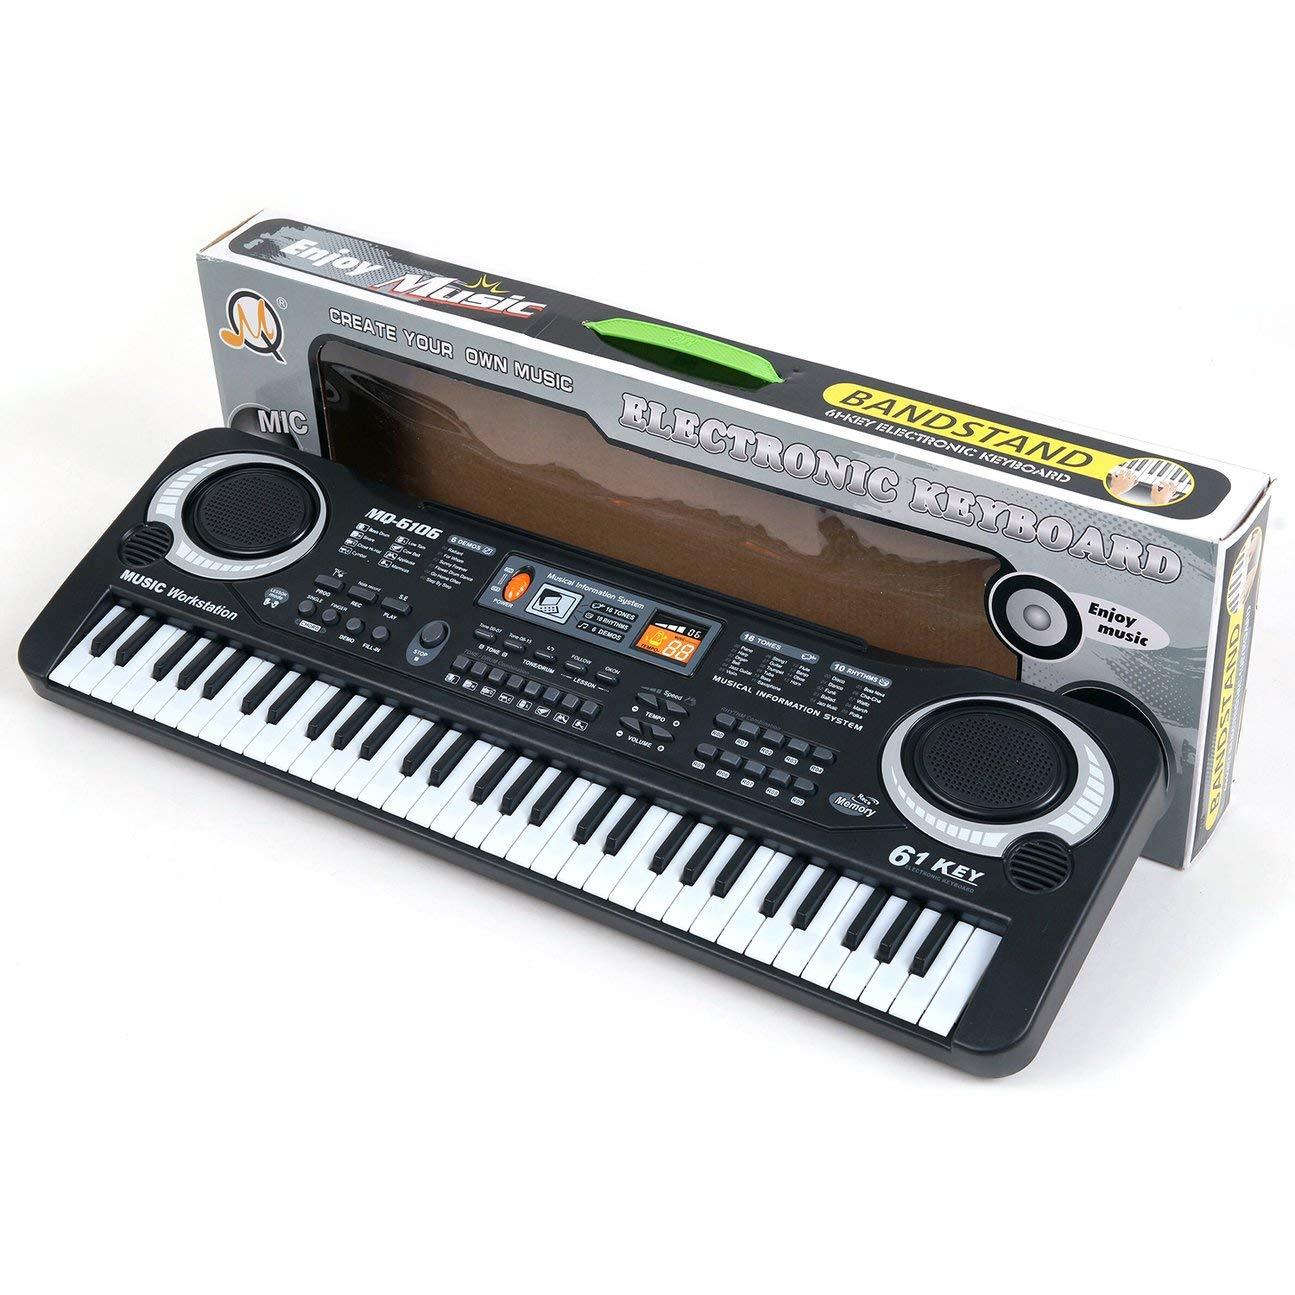 MachinYeseed Multifunktions und zarte 61 Tasten Digitale Musik Elektronische Tastatur Bord Spielzeug Geschenk E-Piano orgel für Kinder (Black & White)